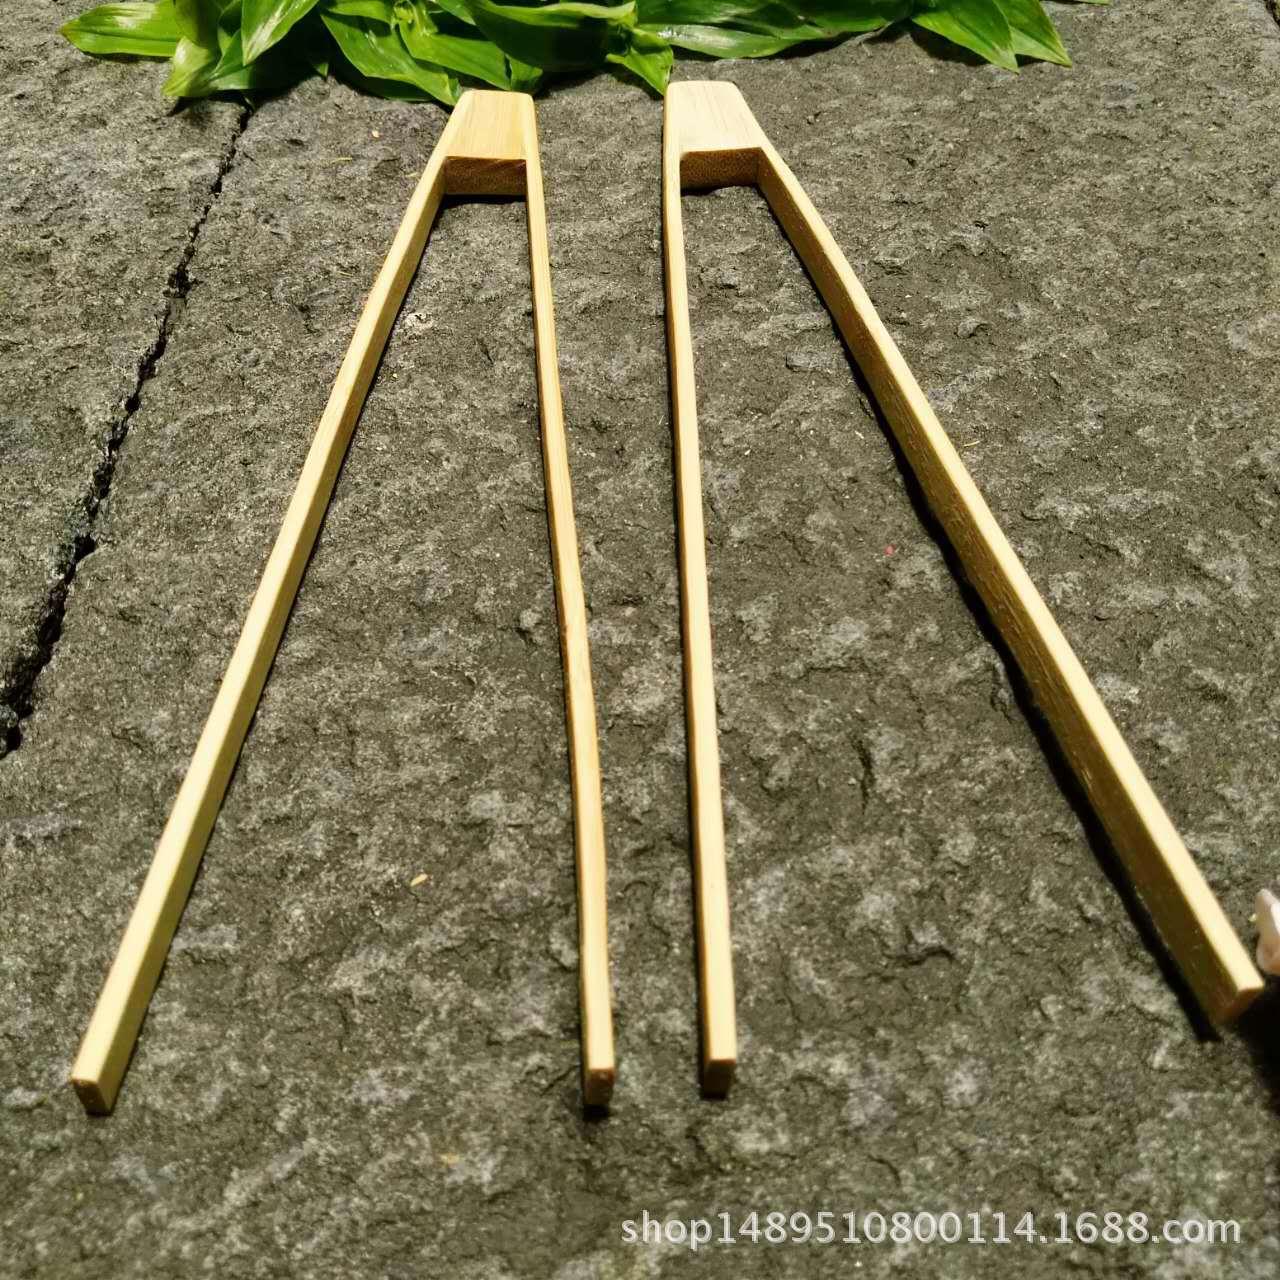 厂家低价直销定制各类竹制品 面包夹竹勺调羹饭勺